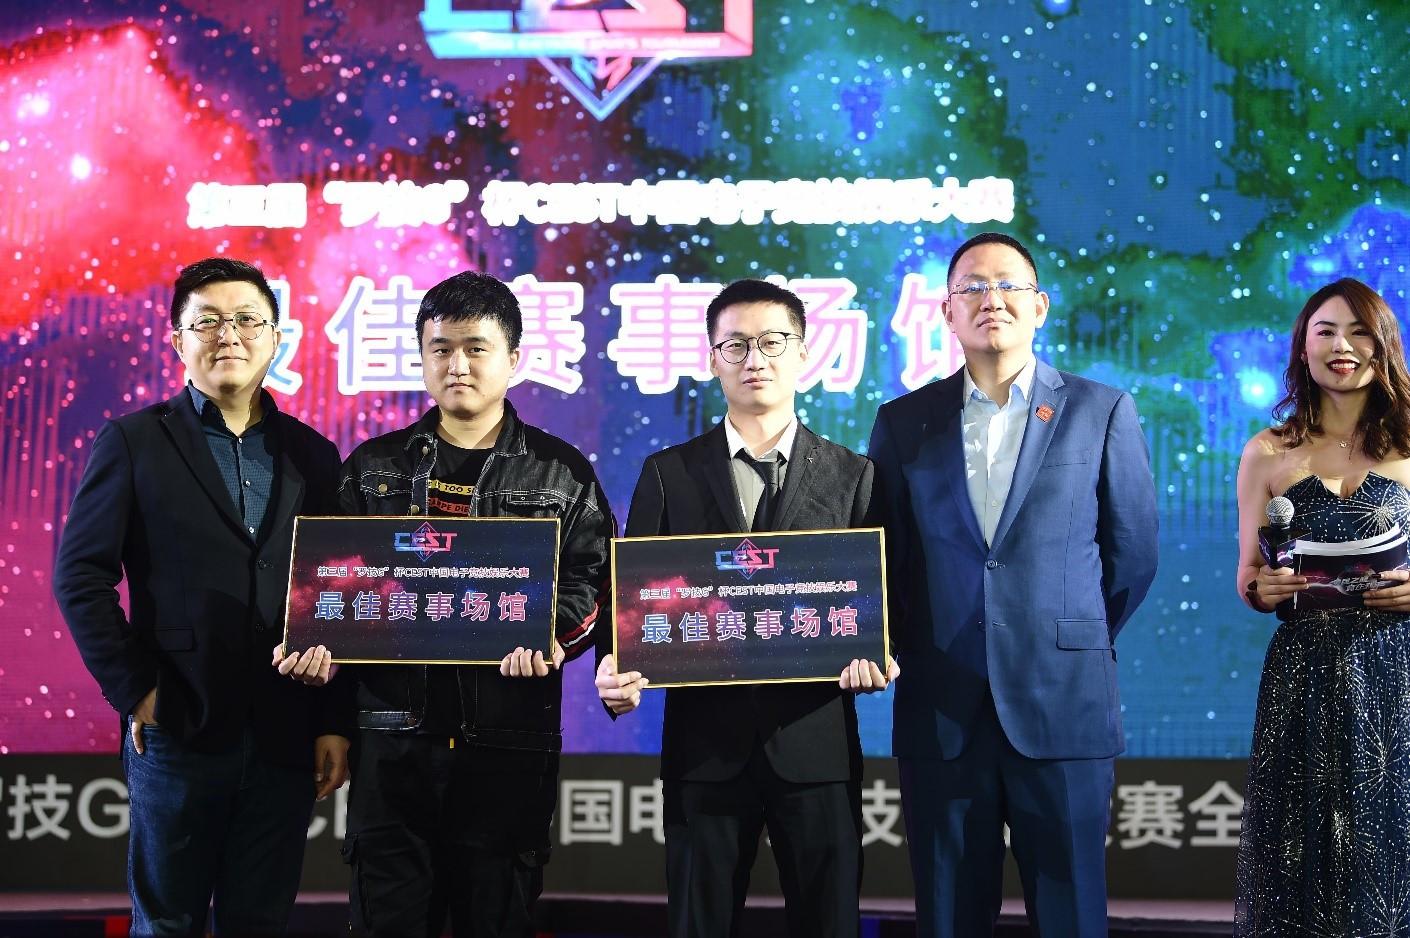 """""""罗技G""""杯CEST中国电子竞技娱乐大赛决赛开赛"""